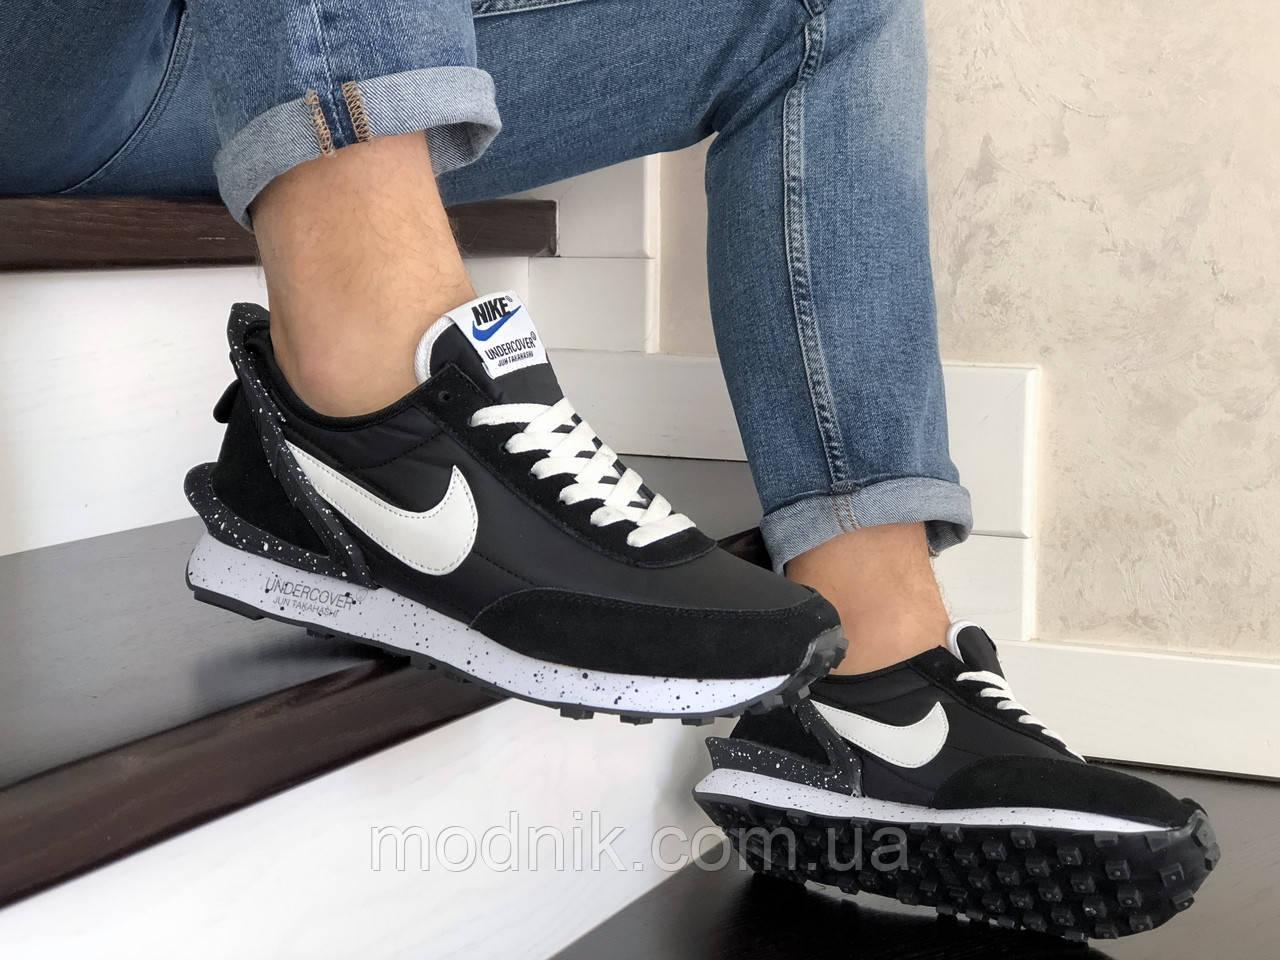 Мужские кроссовки Nike Undercover Jun Takahashi (черно-белые) 9222